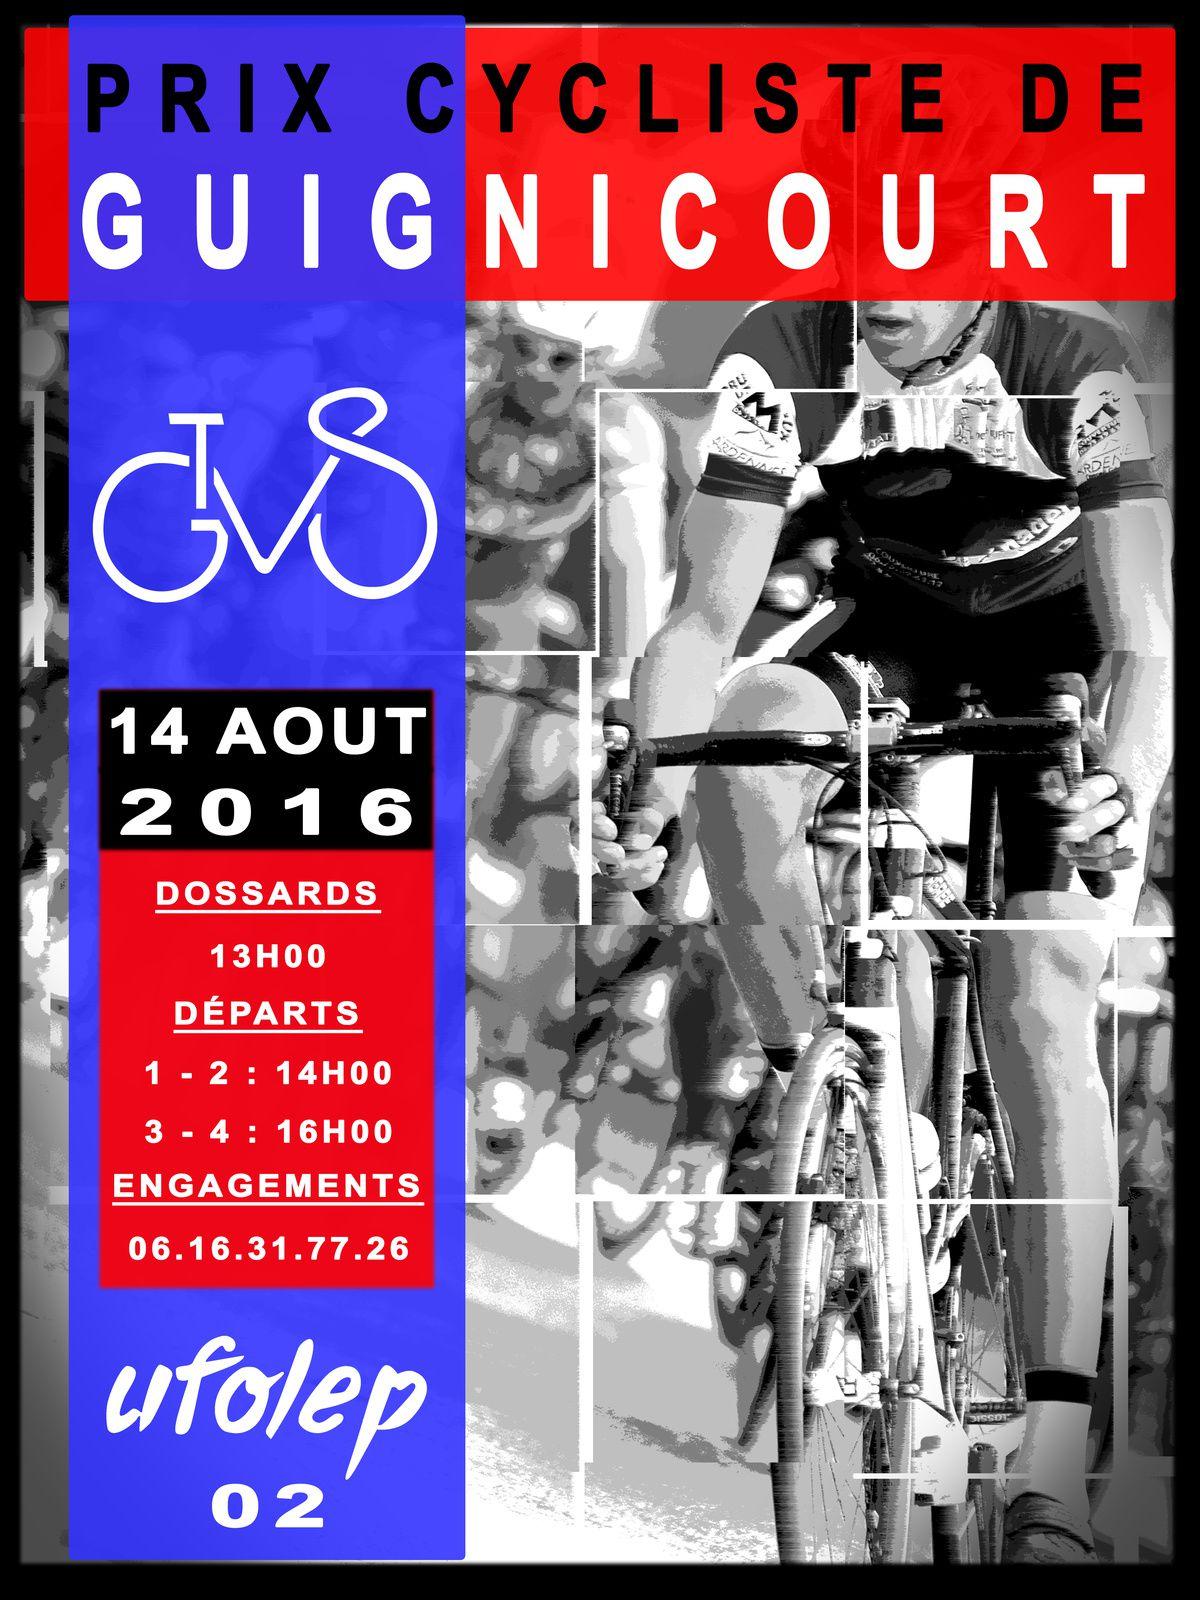 Course de GUIGNICOURT du 14/08/16